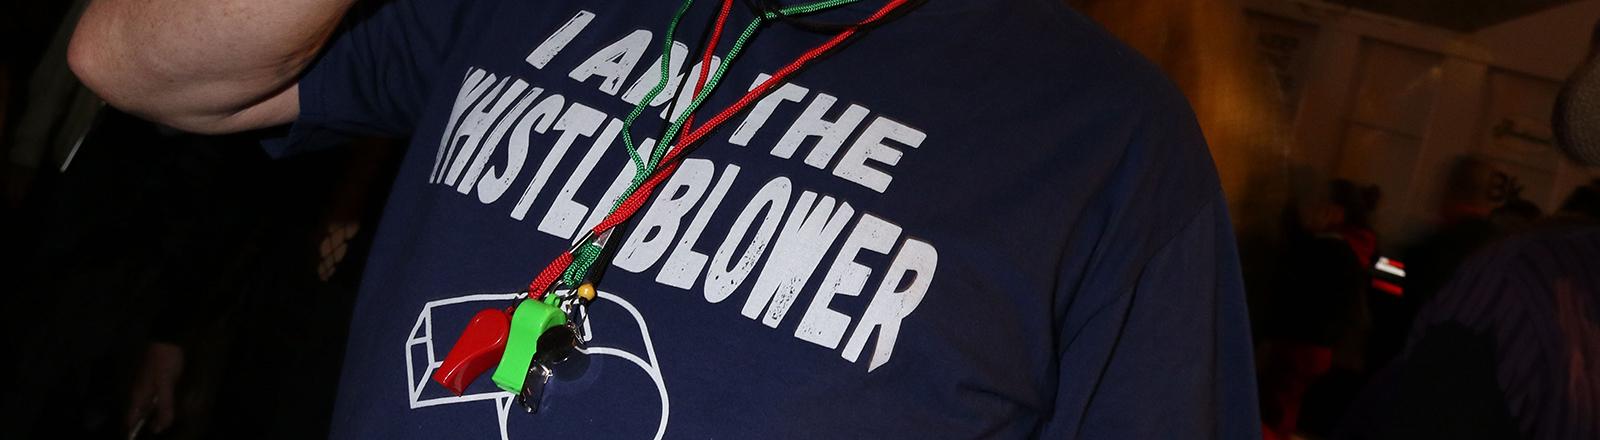 """Ein Mann mit einem T-Shirt auf dem steht """"I am the whistleblower""""."""